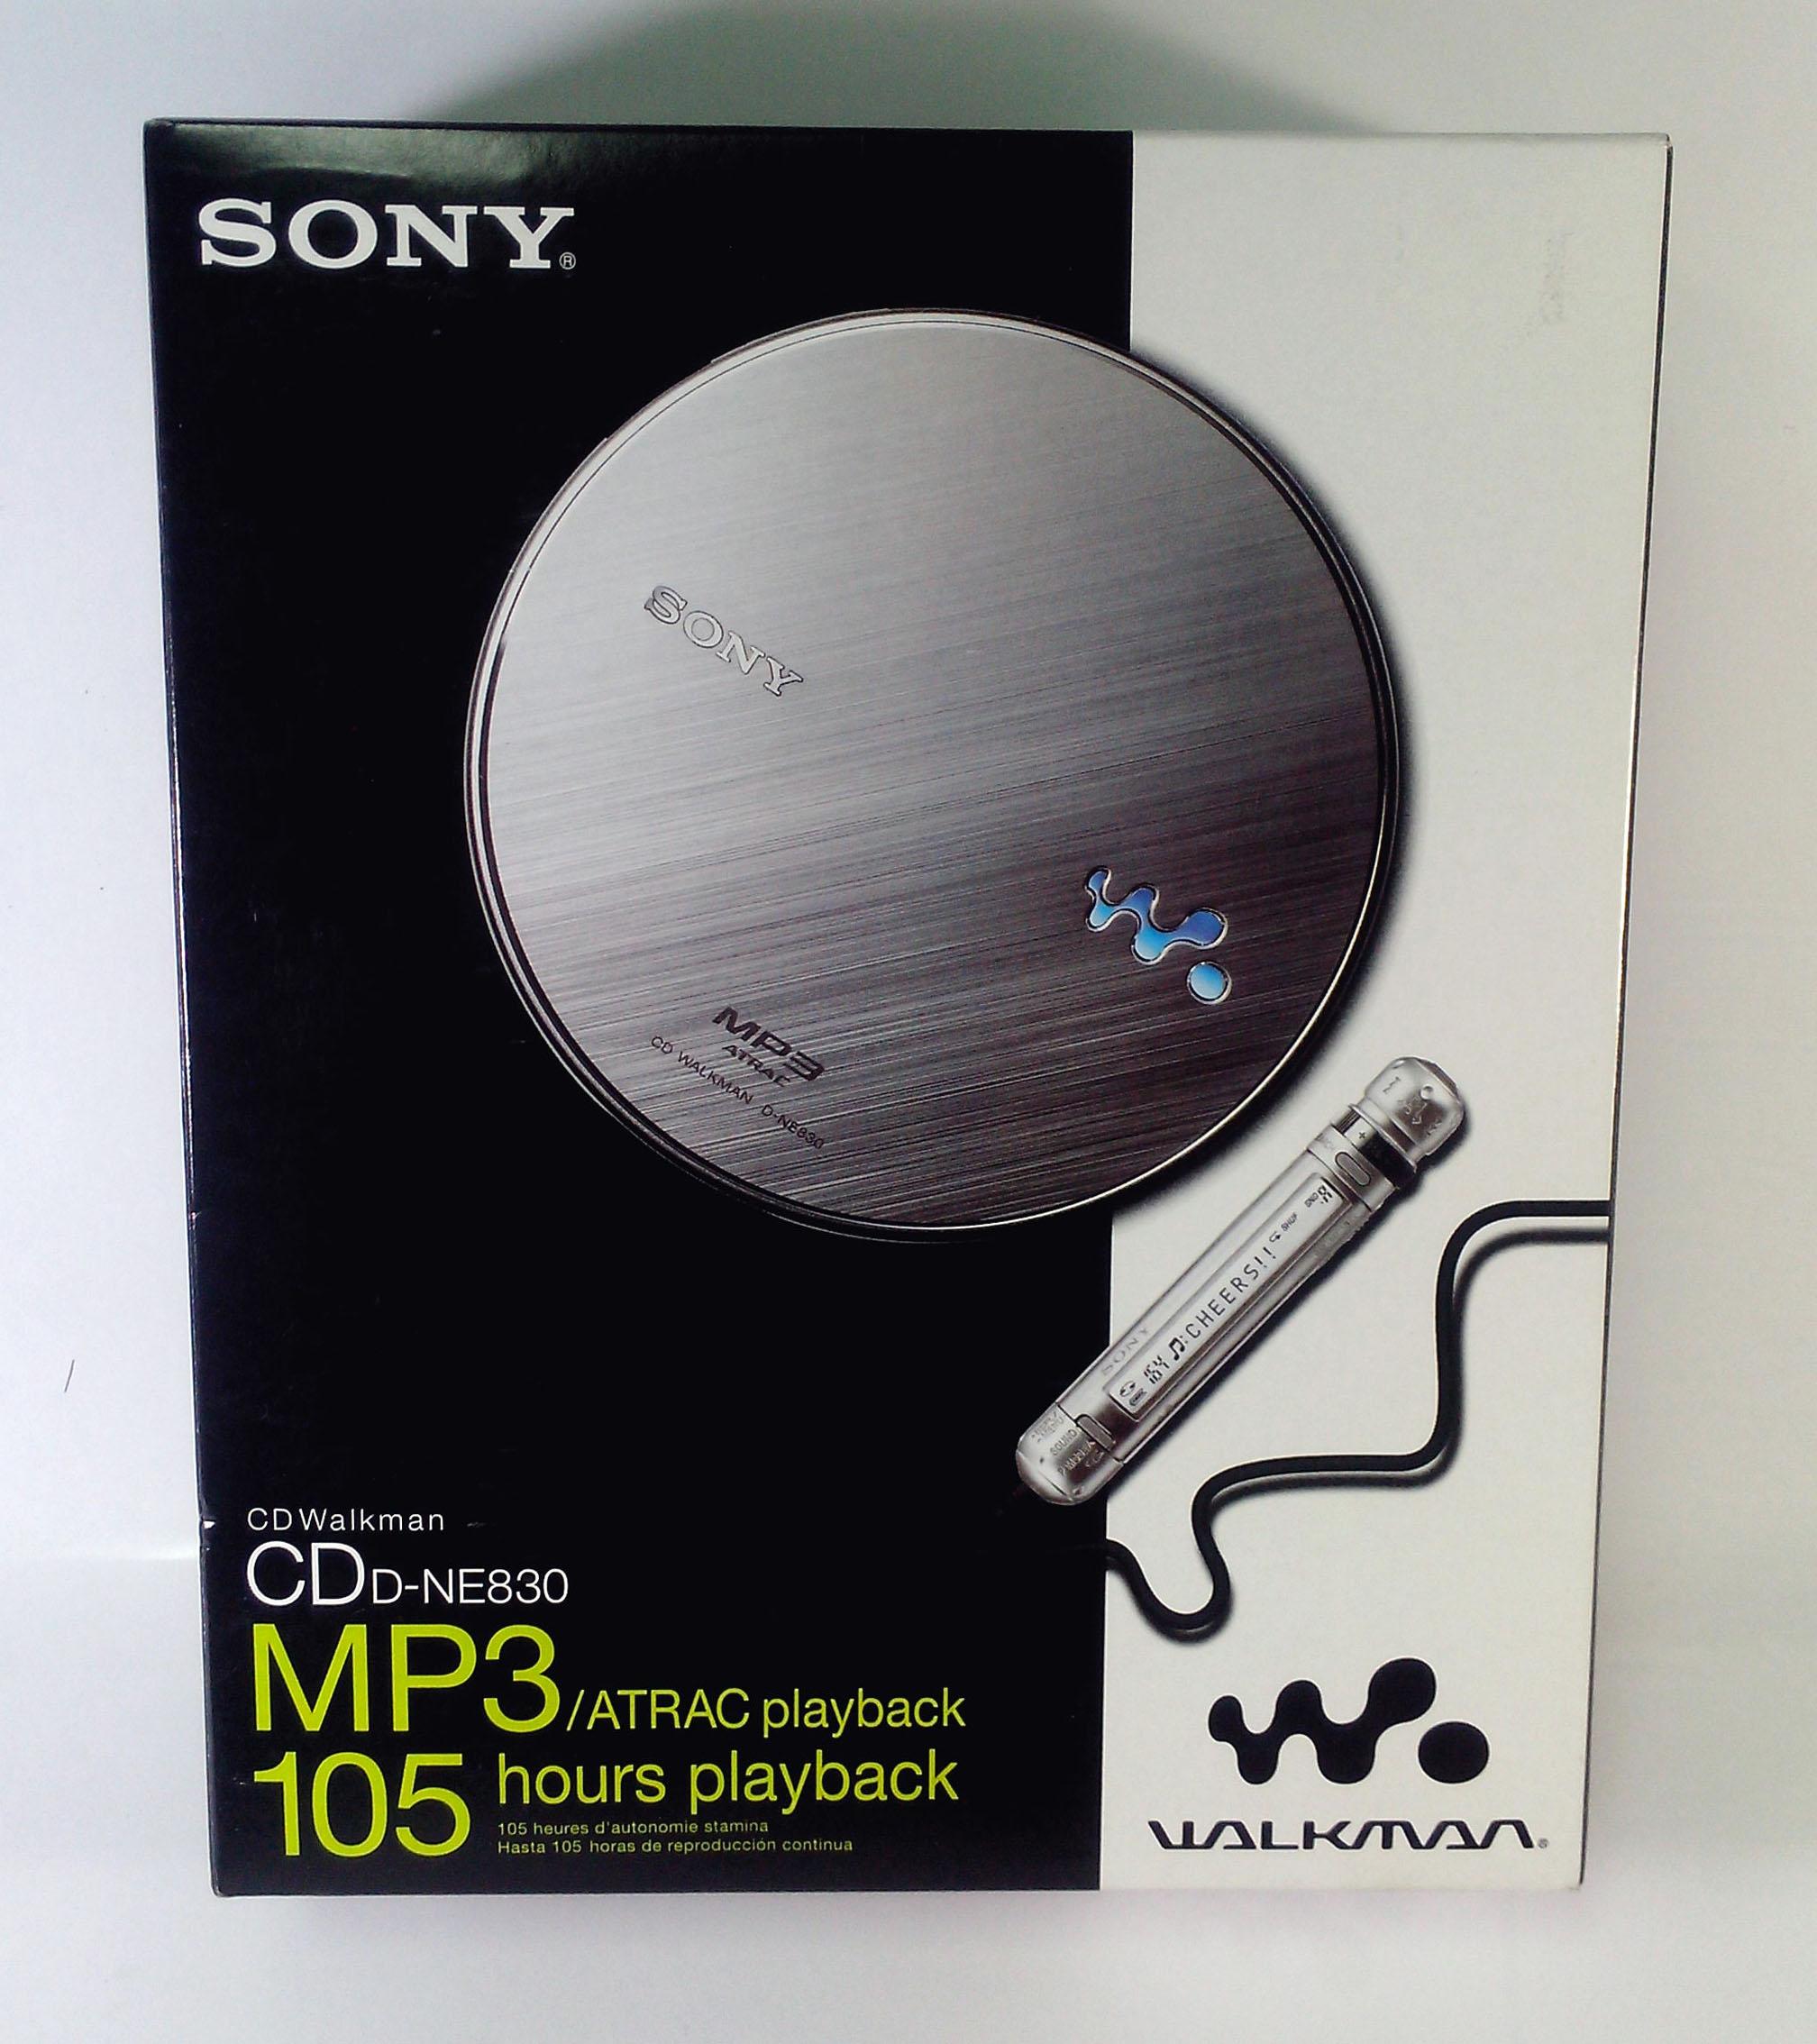 ขายแล้ว Sony D-NE830 มือหนึ่ง